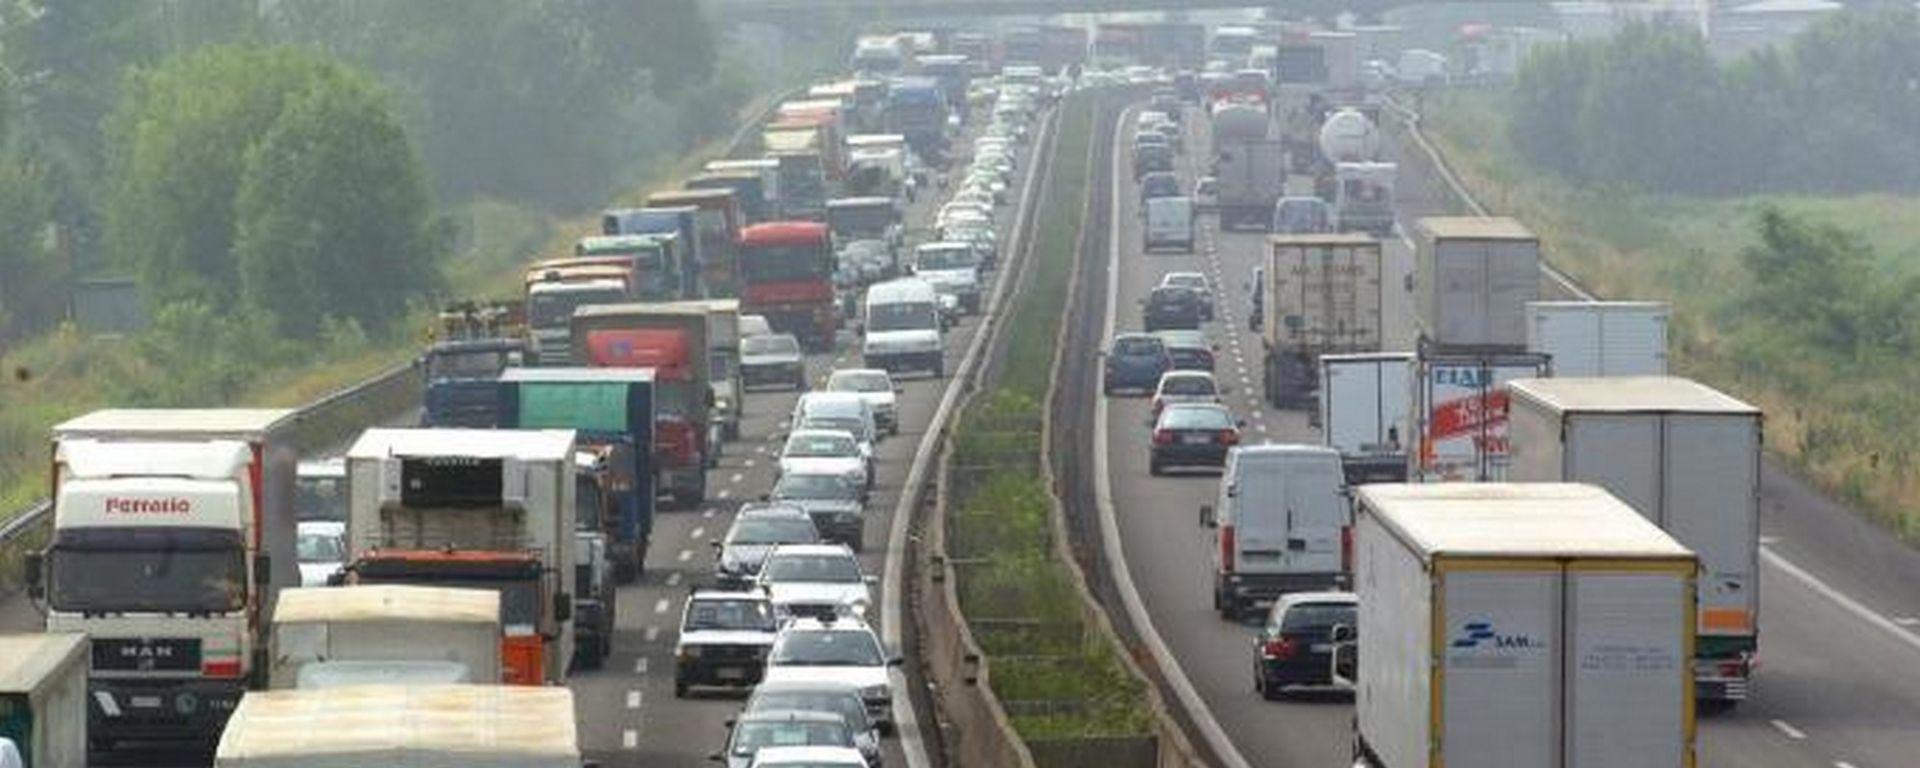 Tangenziale Est di Milano, la strada più pericolosa d'Italia